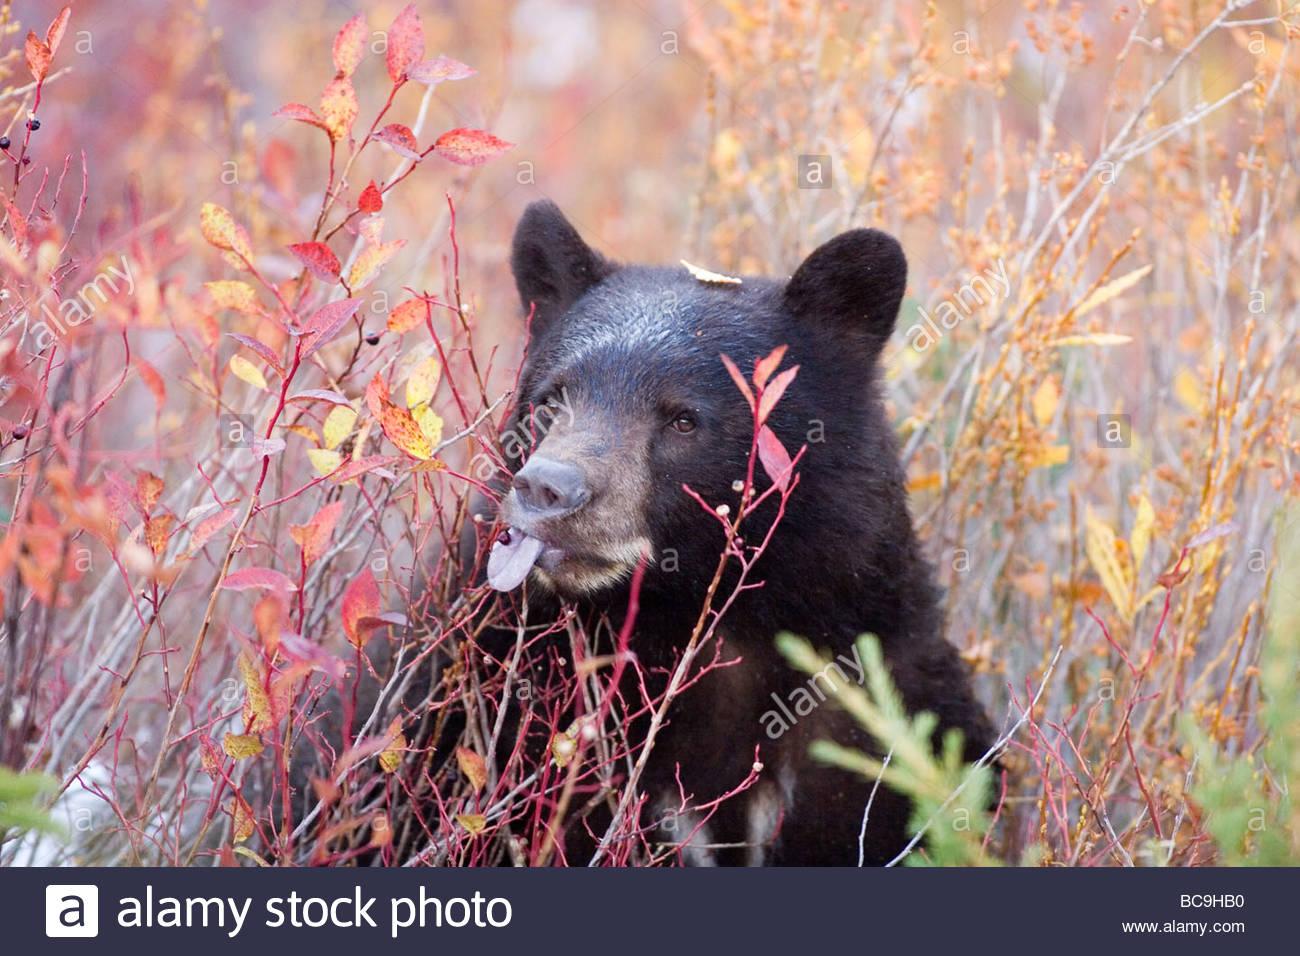 Un oso negro come una Blueberry, mientras agregando peso para la hibernación. Imagen De Stock